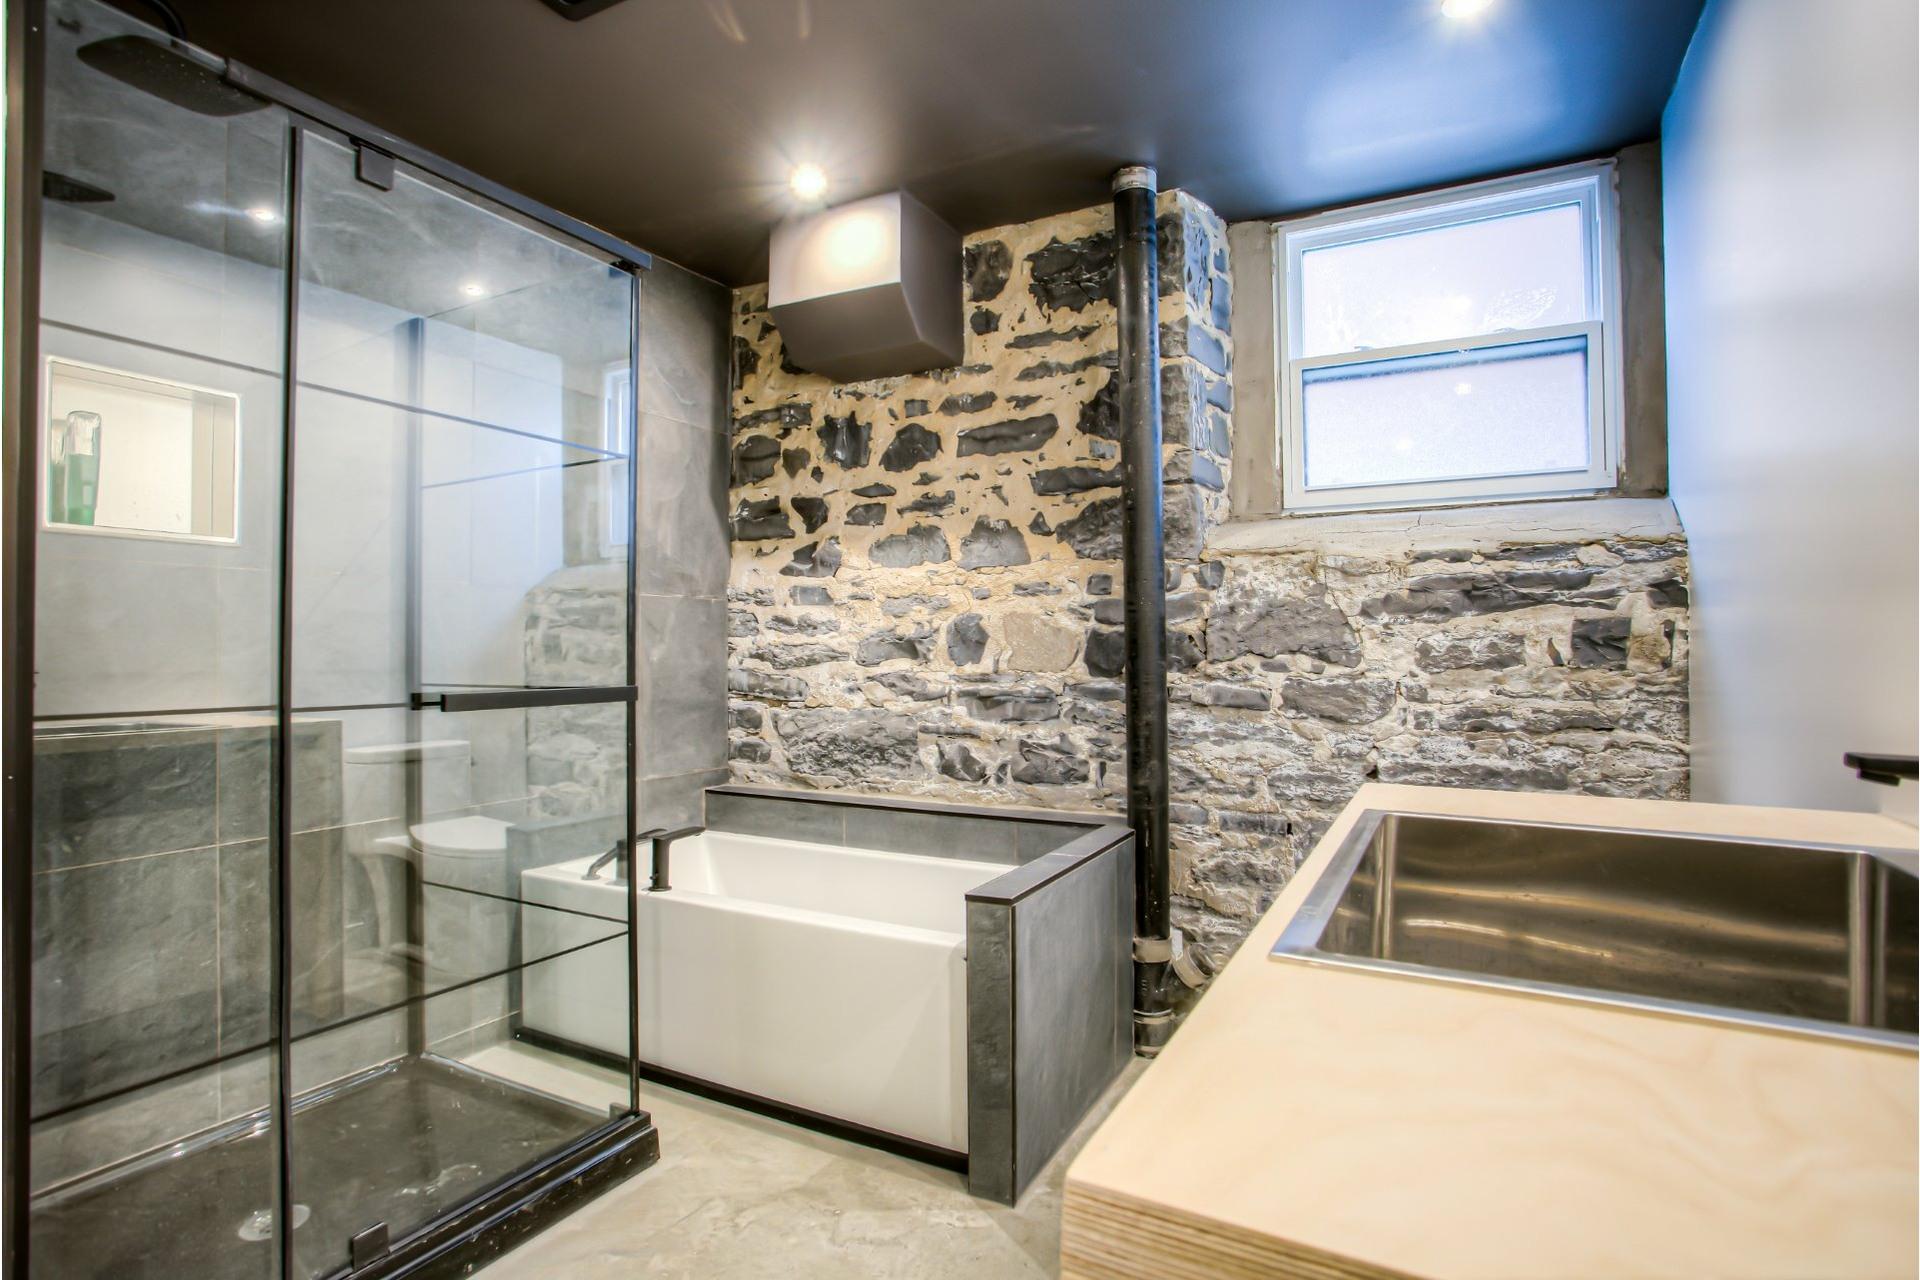 image 21 - Duplex À vendre Mercier/Hochelaga-Maisonneuve Montréal  - 4 pièces